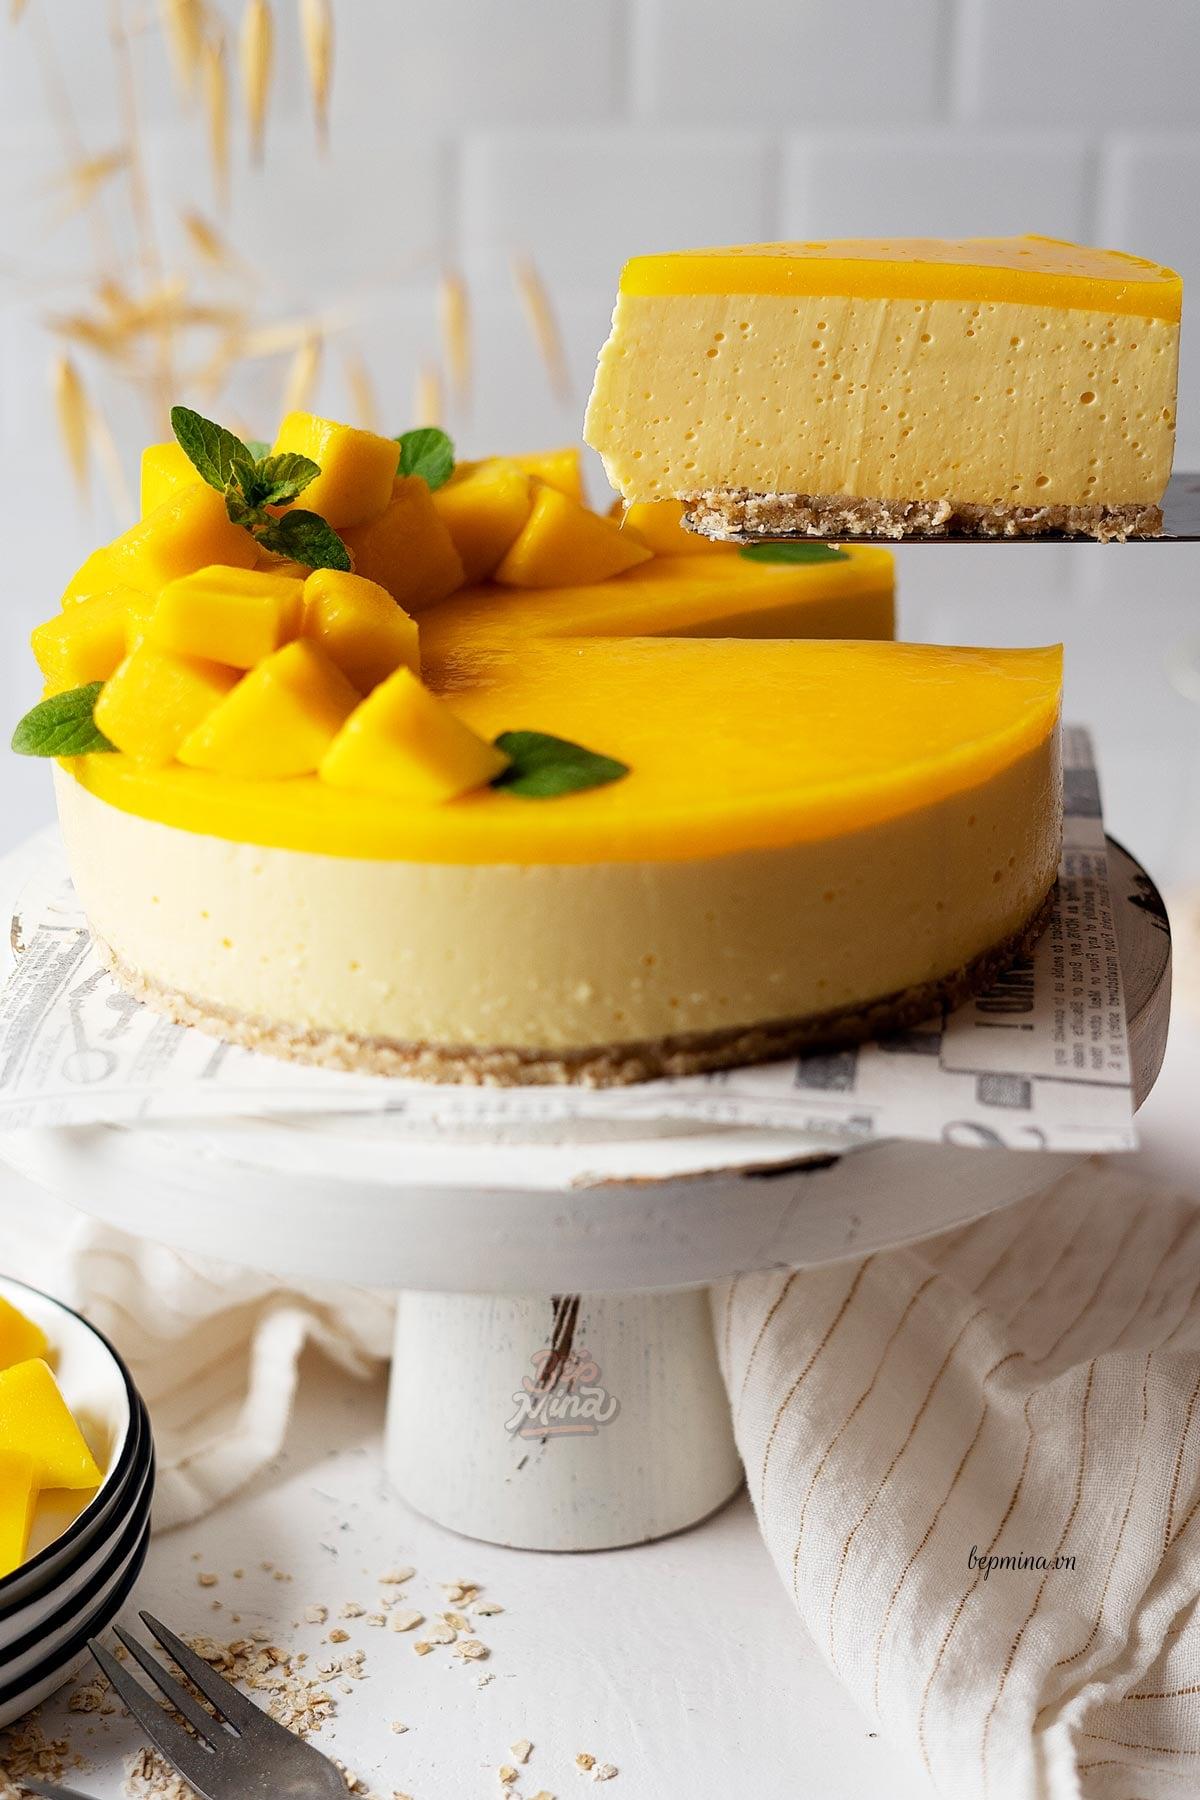 bánh cheesecake xoài ngon